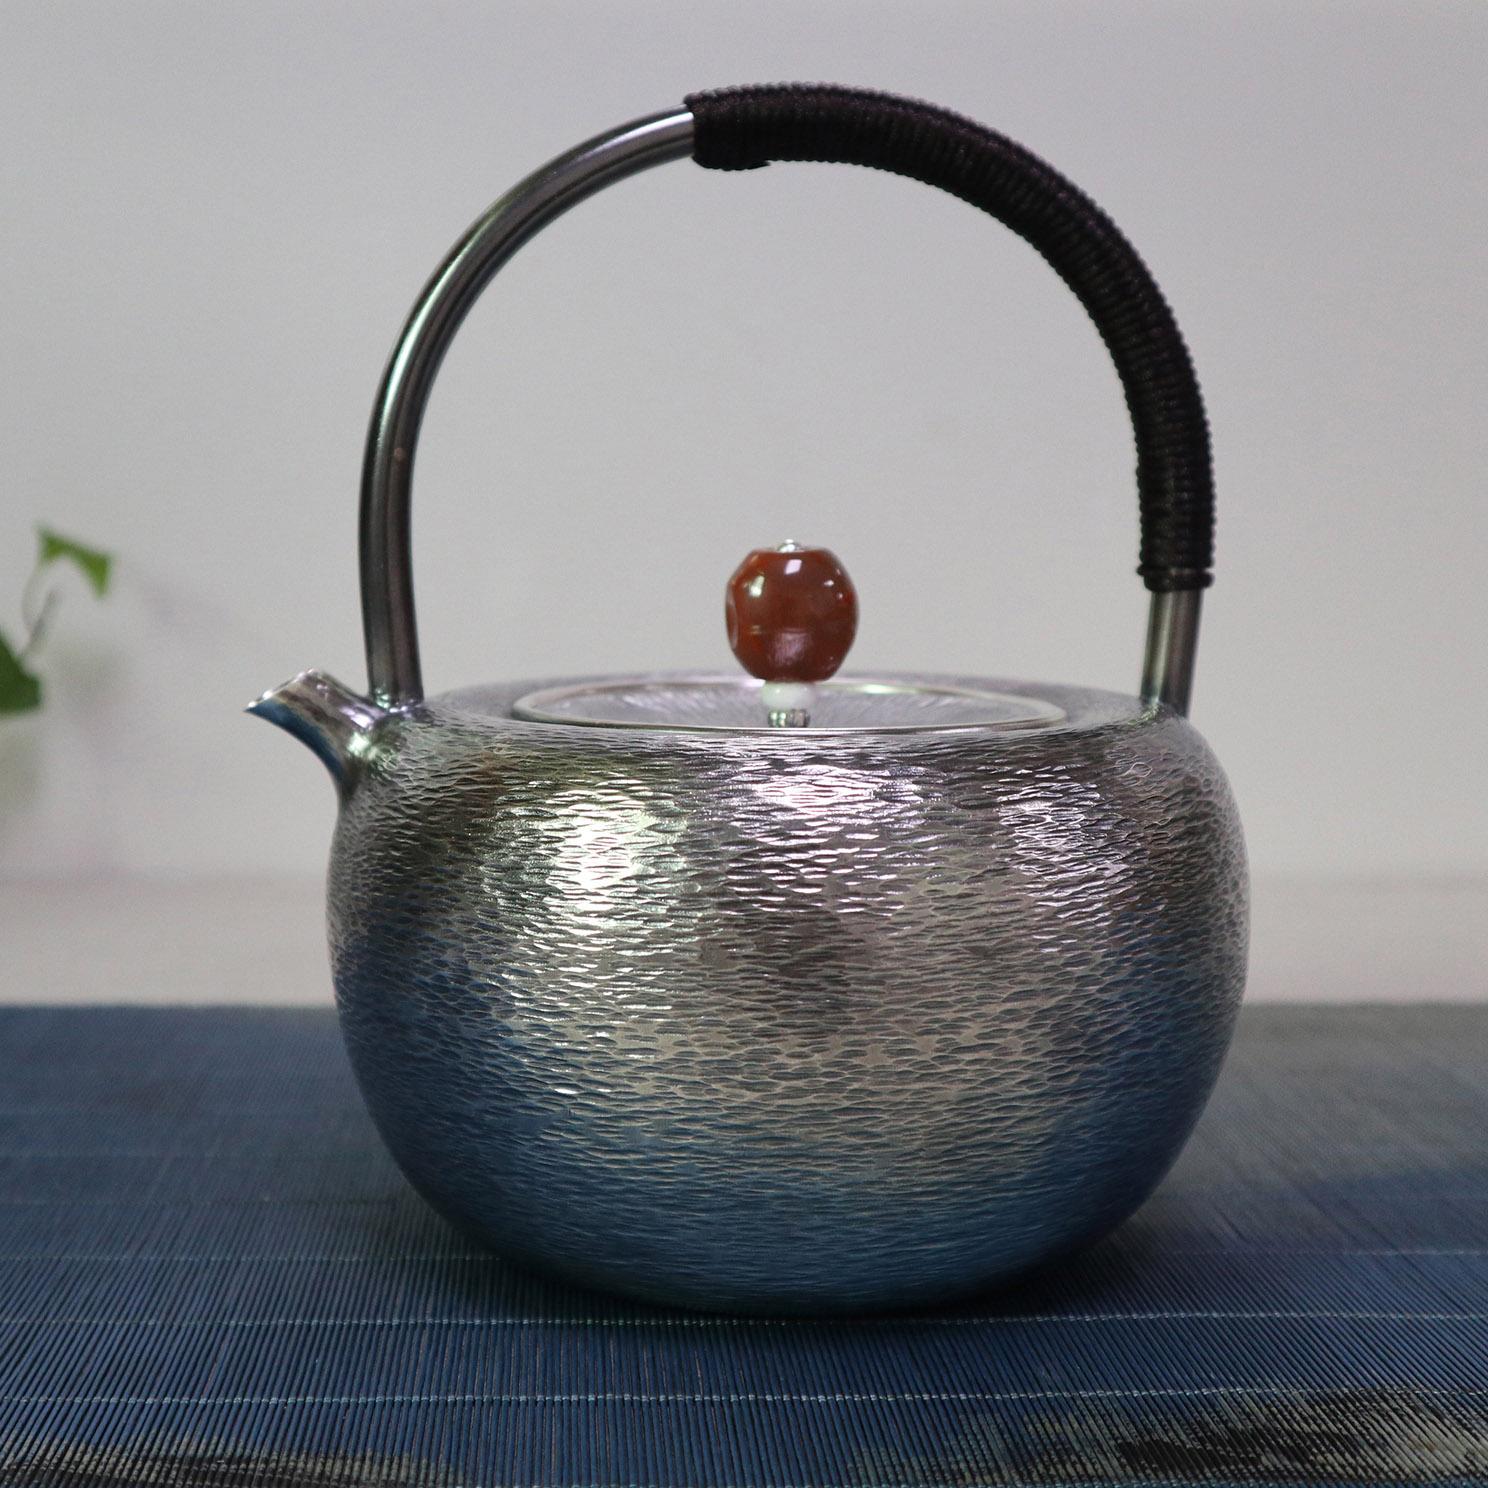 【潮起潮落】S999纯银手工 烧水壶